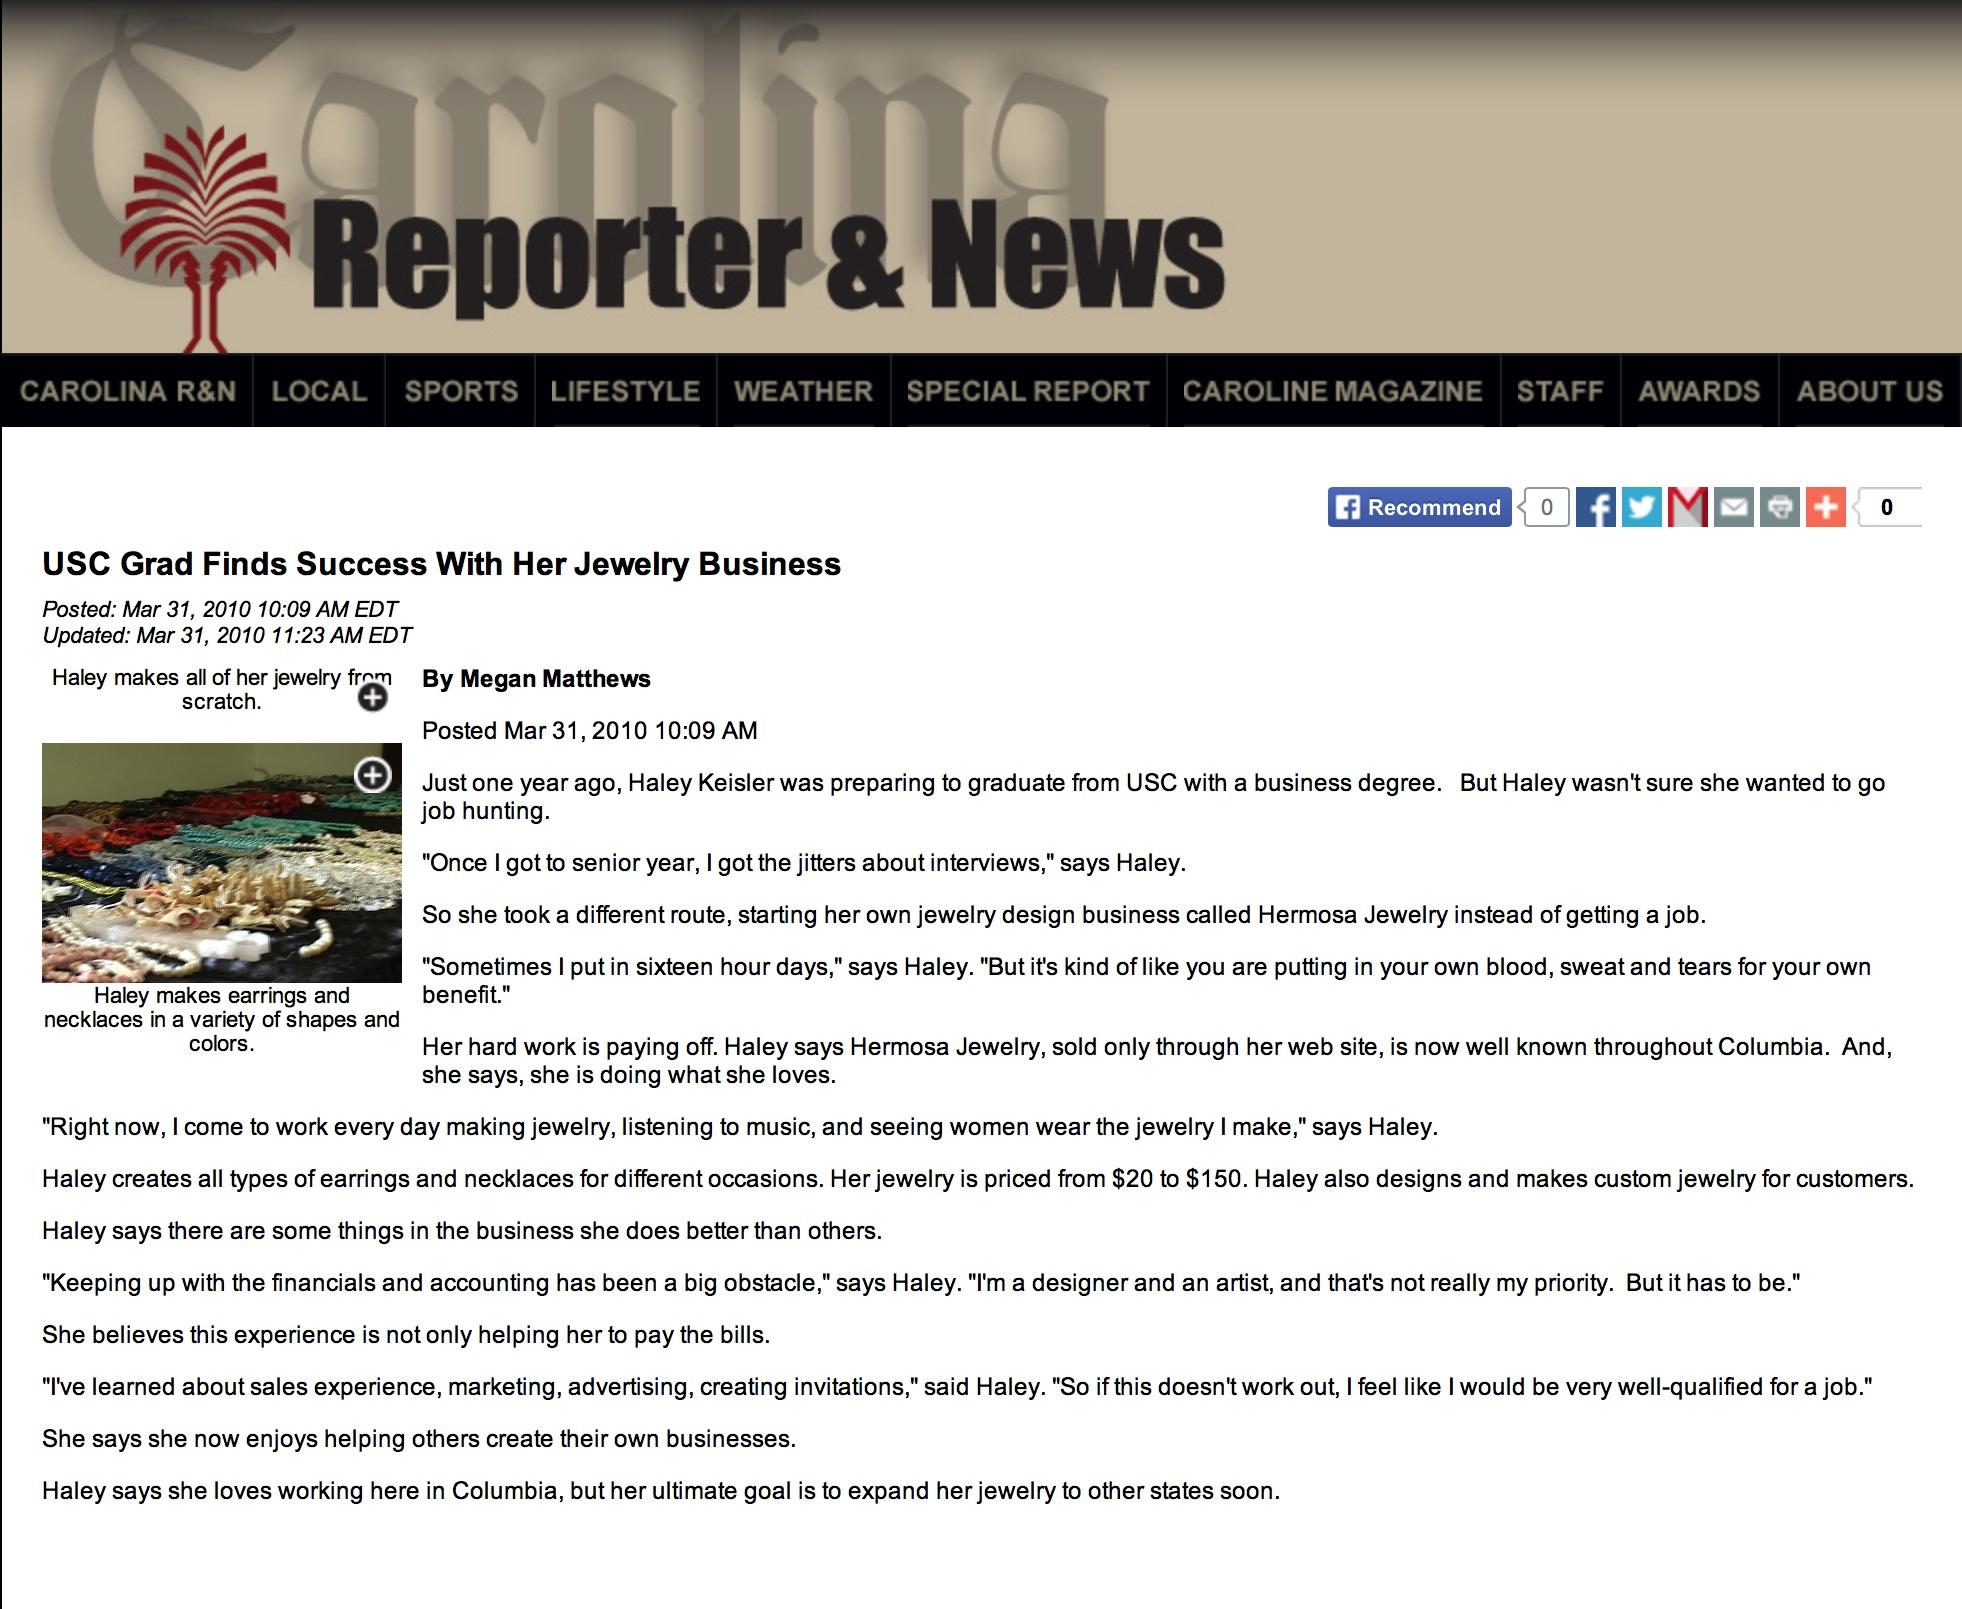 carolinareporterandnews.jpg